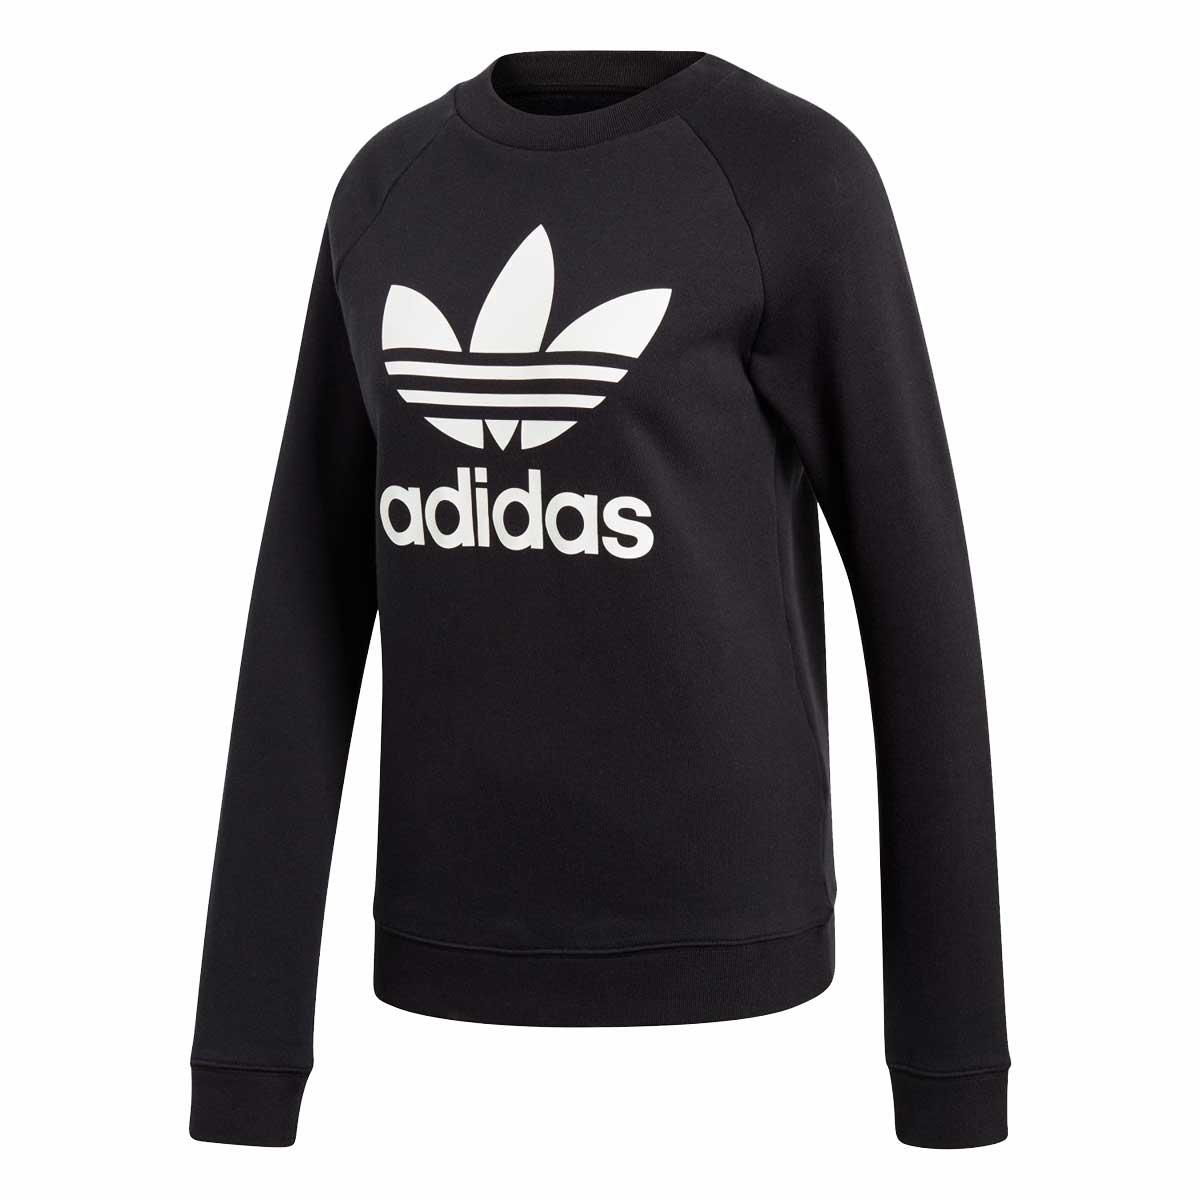 adidas Originals TREFOIL CREW SWEAT(アディダスオリジナルス トレフォイル クルー スウェット)BLACK【レディース スウェット】19SS-I